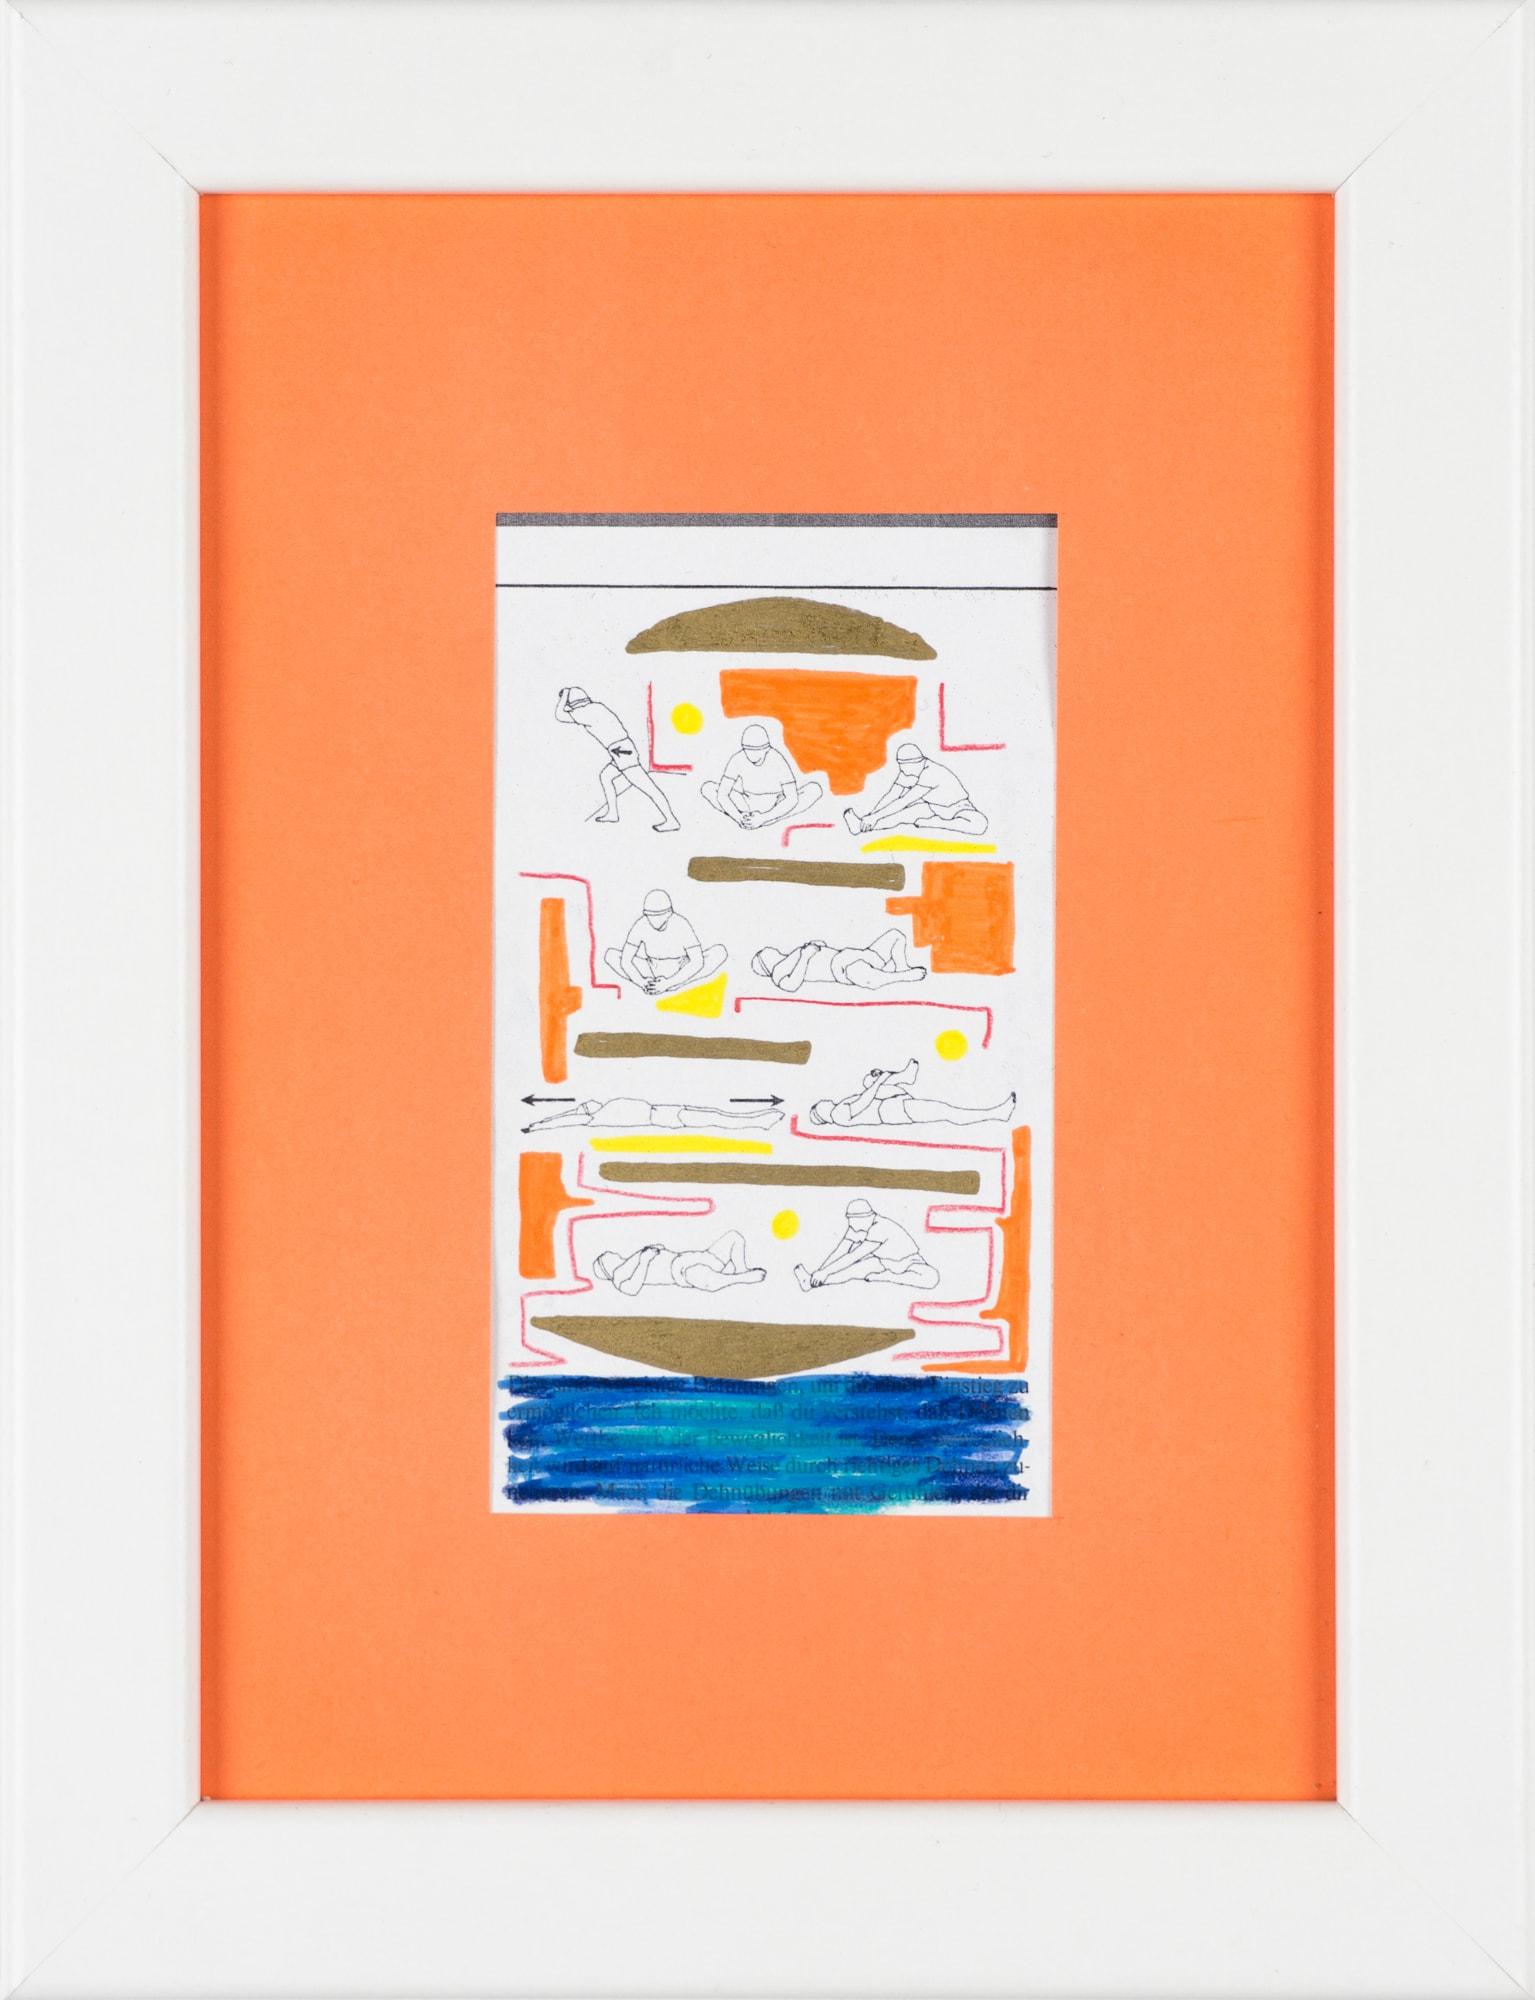 Übermalung und Mischtechnik auf Papier, 6x10,6cm, Originalgrafik zum gleichnamigen Booklet, Künstlerin: Franziska King